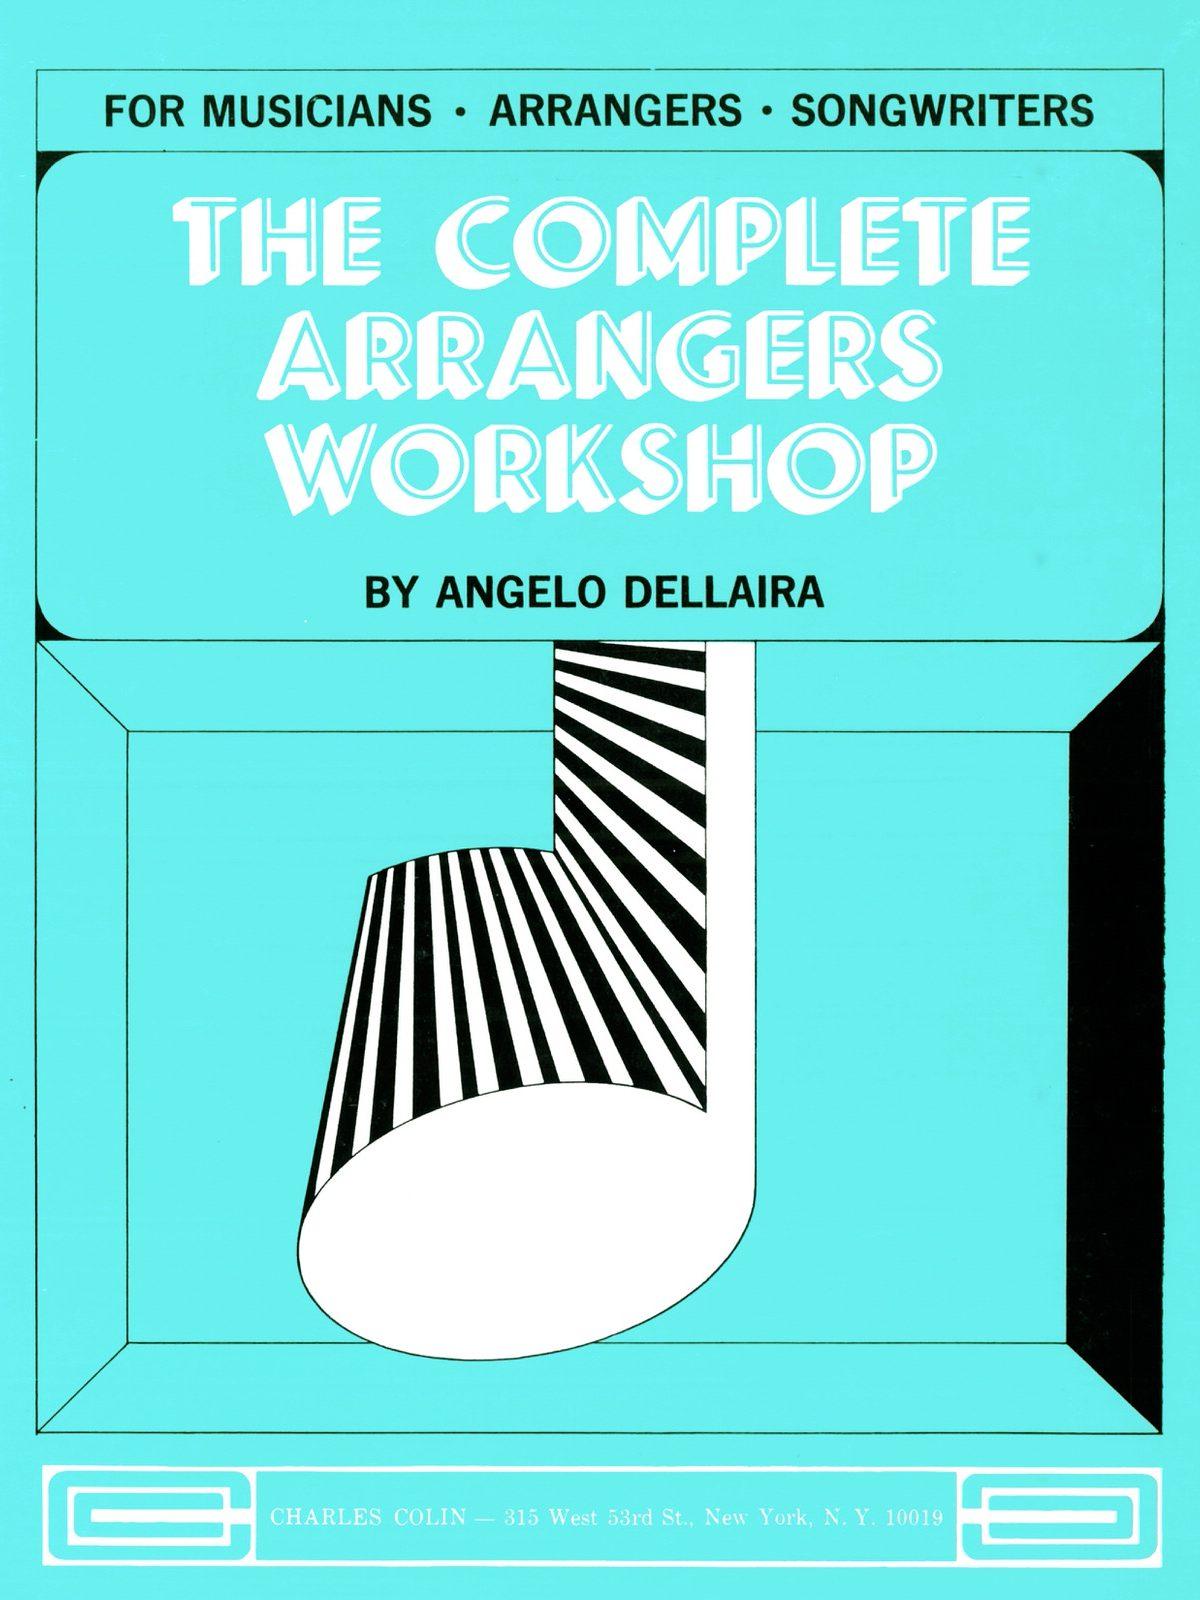 Dellaira, The Complete Arranger's Workshop-p001